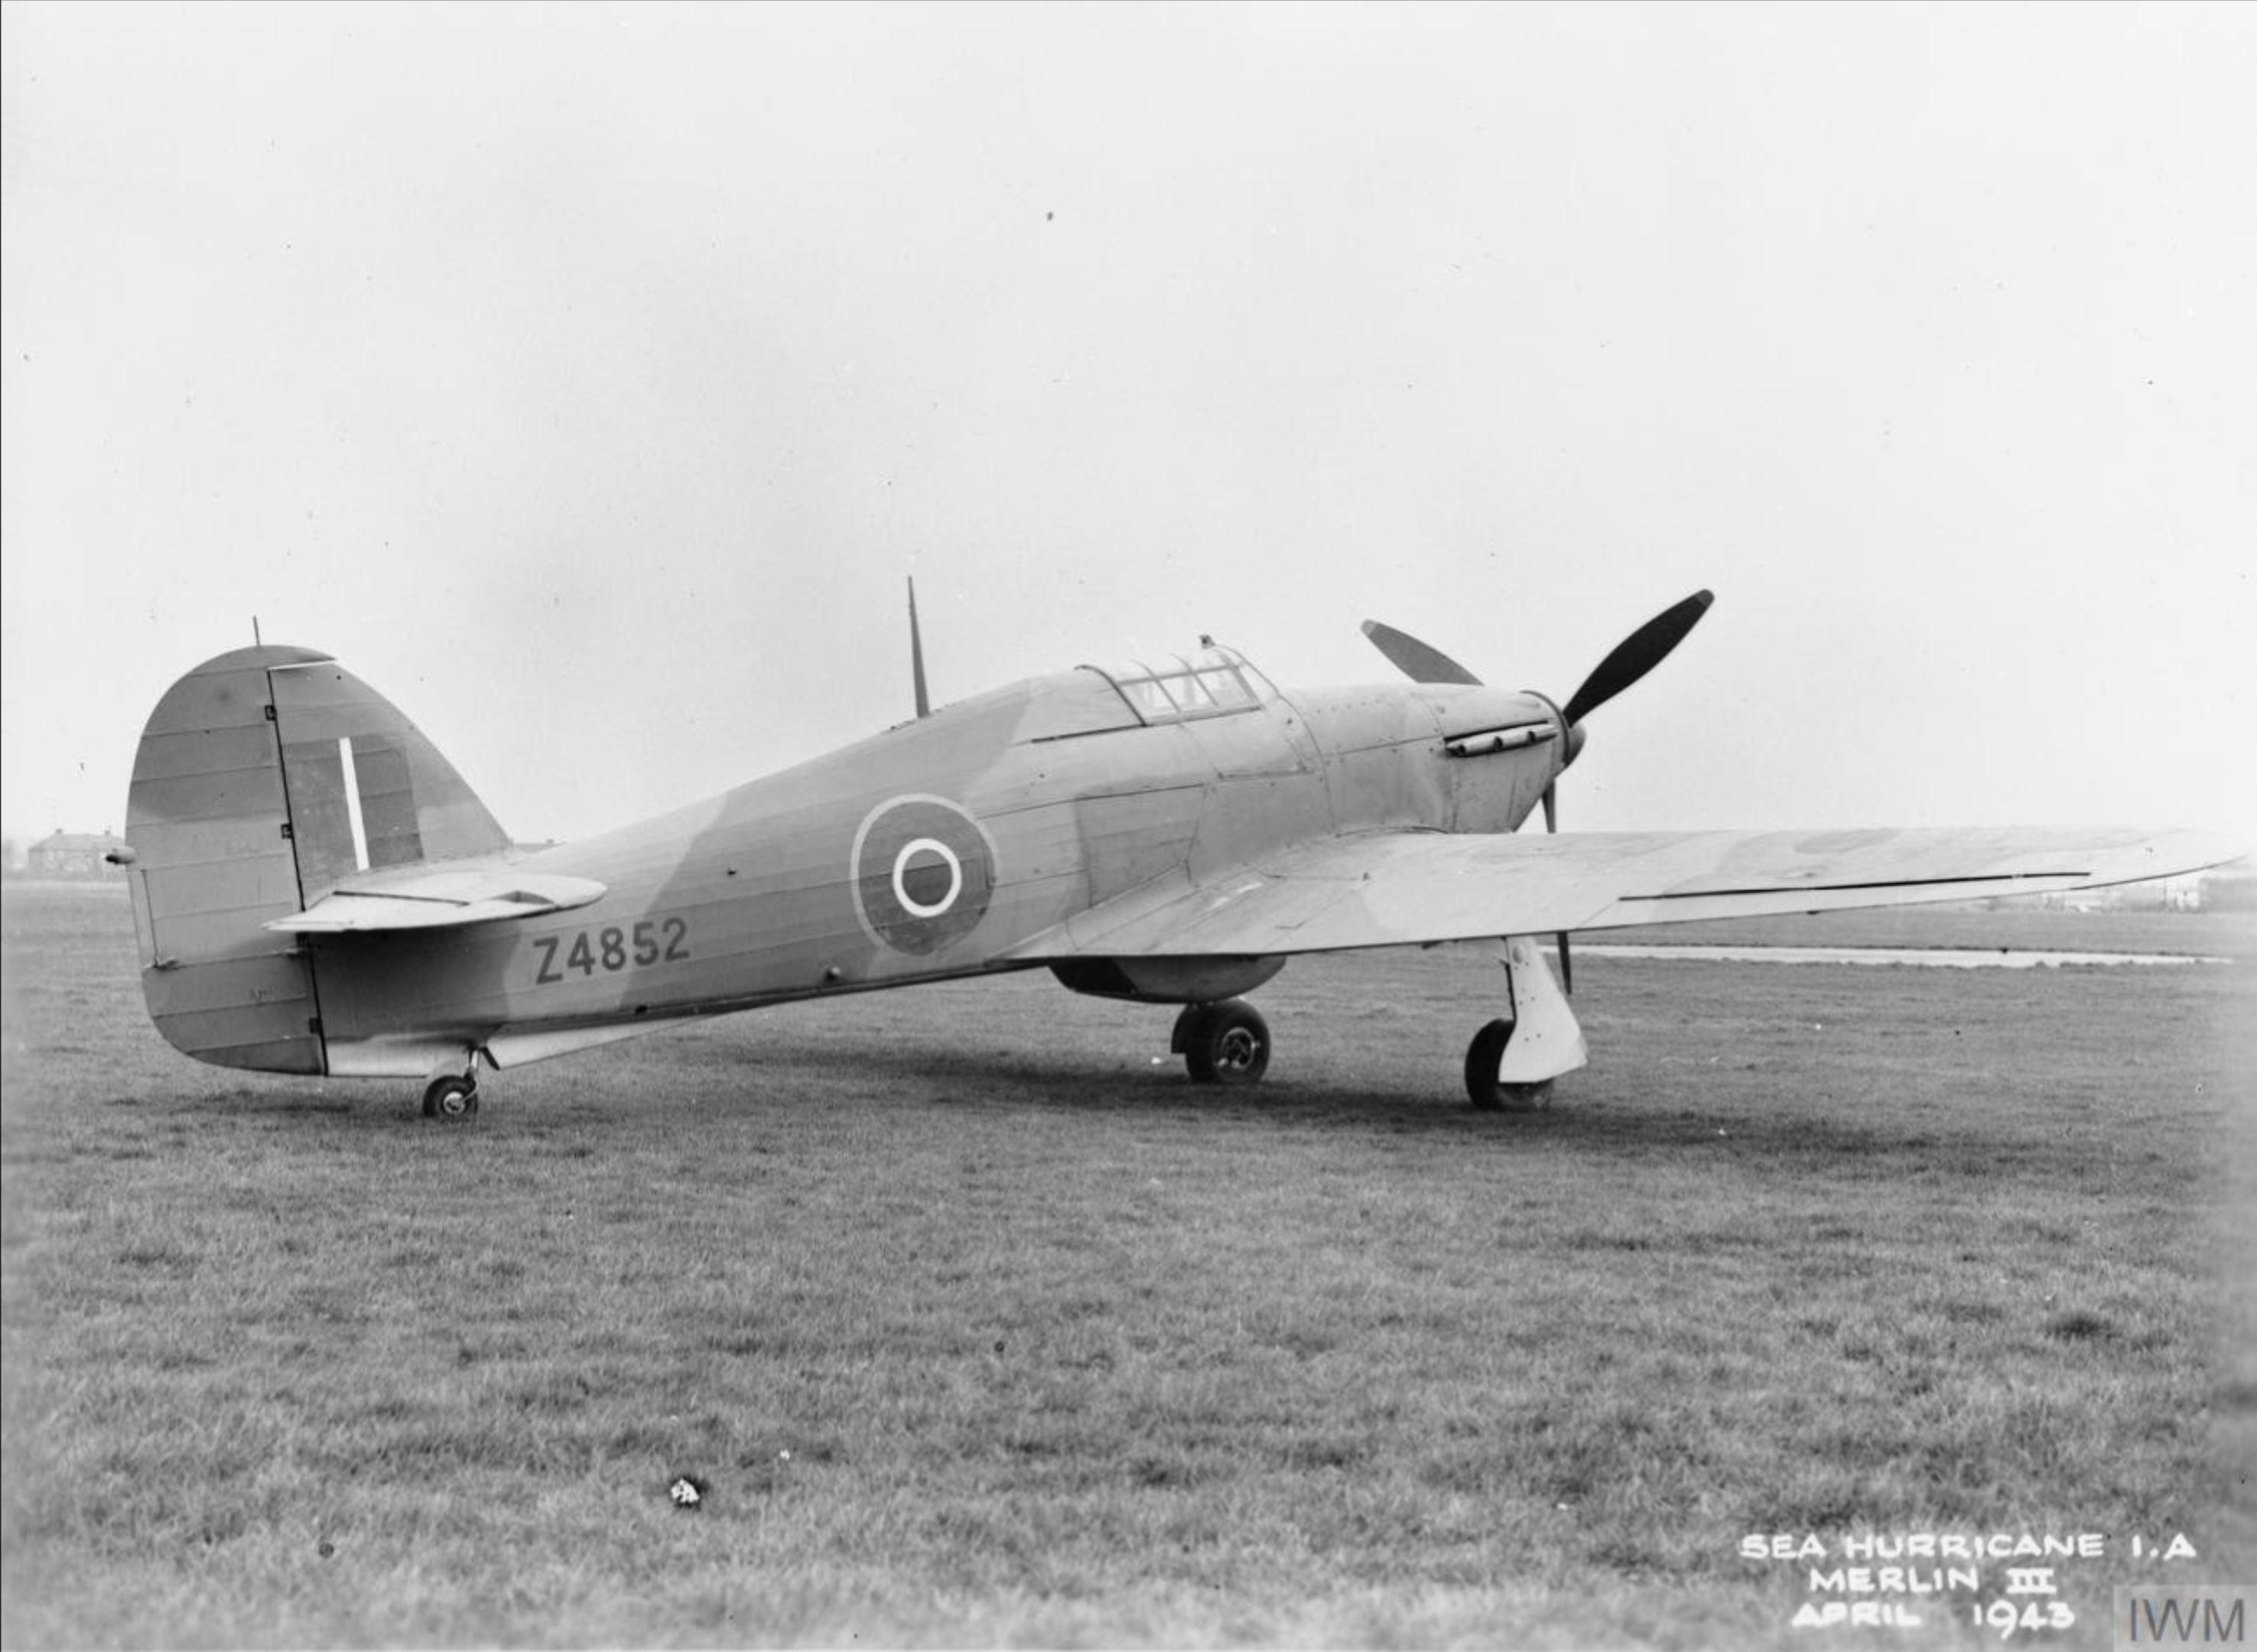 Hawker Hurricane IV RAF Z4852 April 1943 IWM MH4946